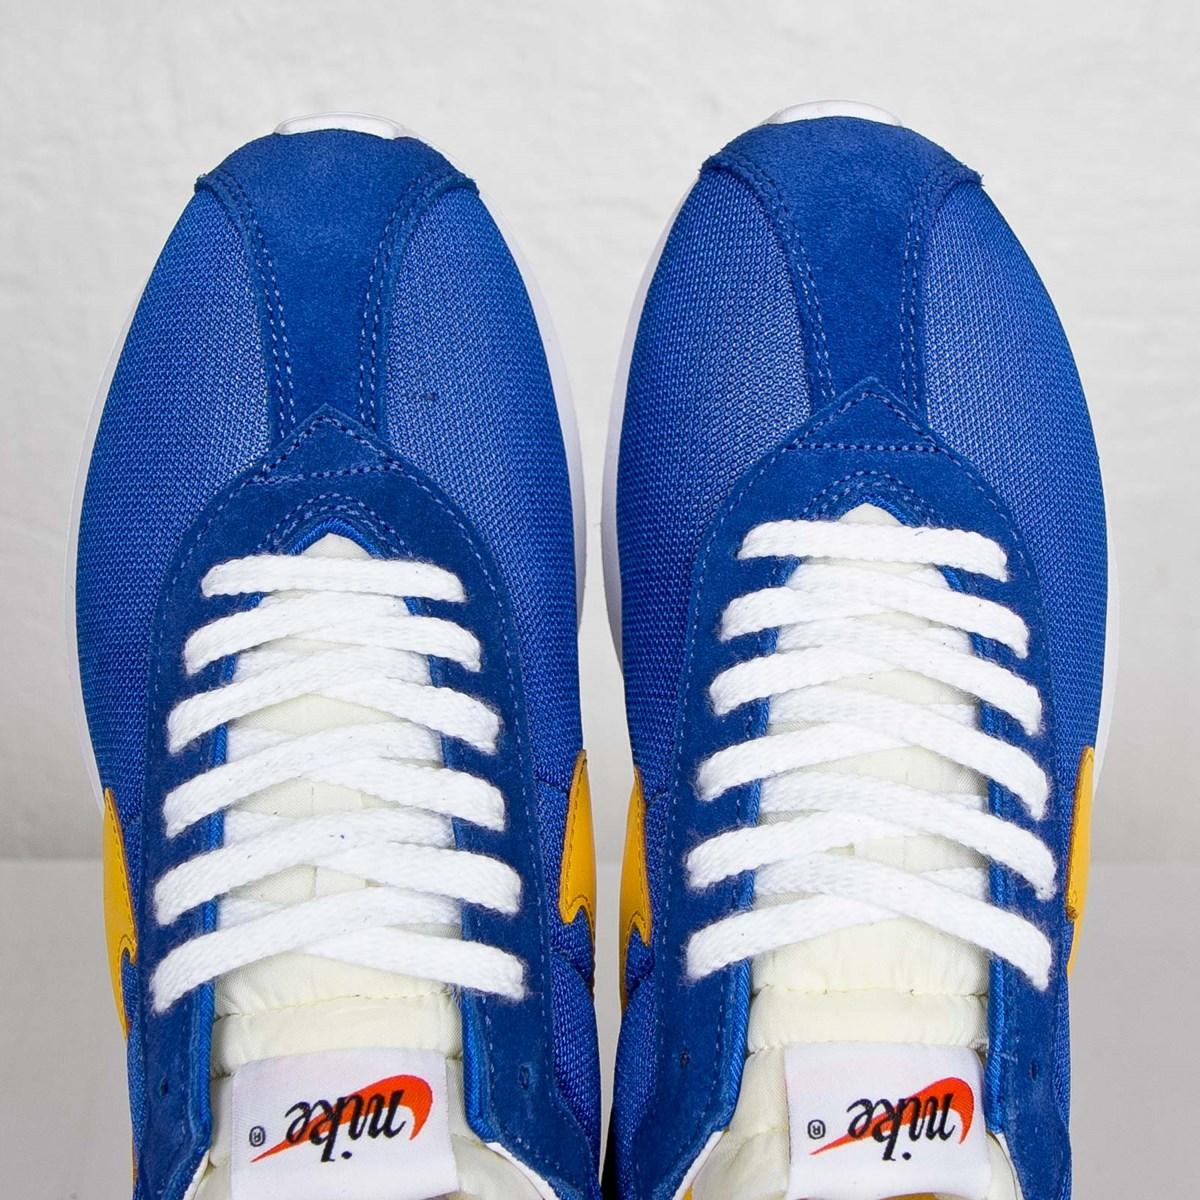 3111be65e2d5 Nike Roshe ld-1000 SP   Fragment - 709657-471 - Sneakersnstuff ...